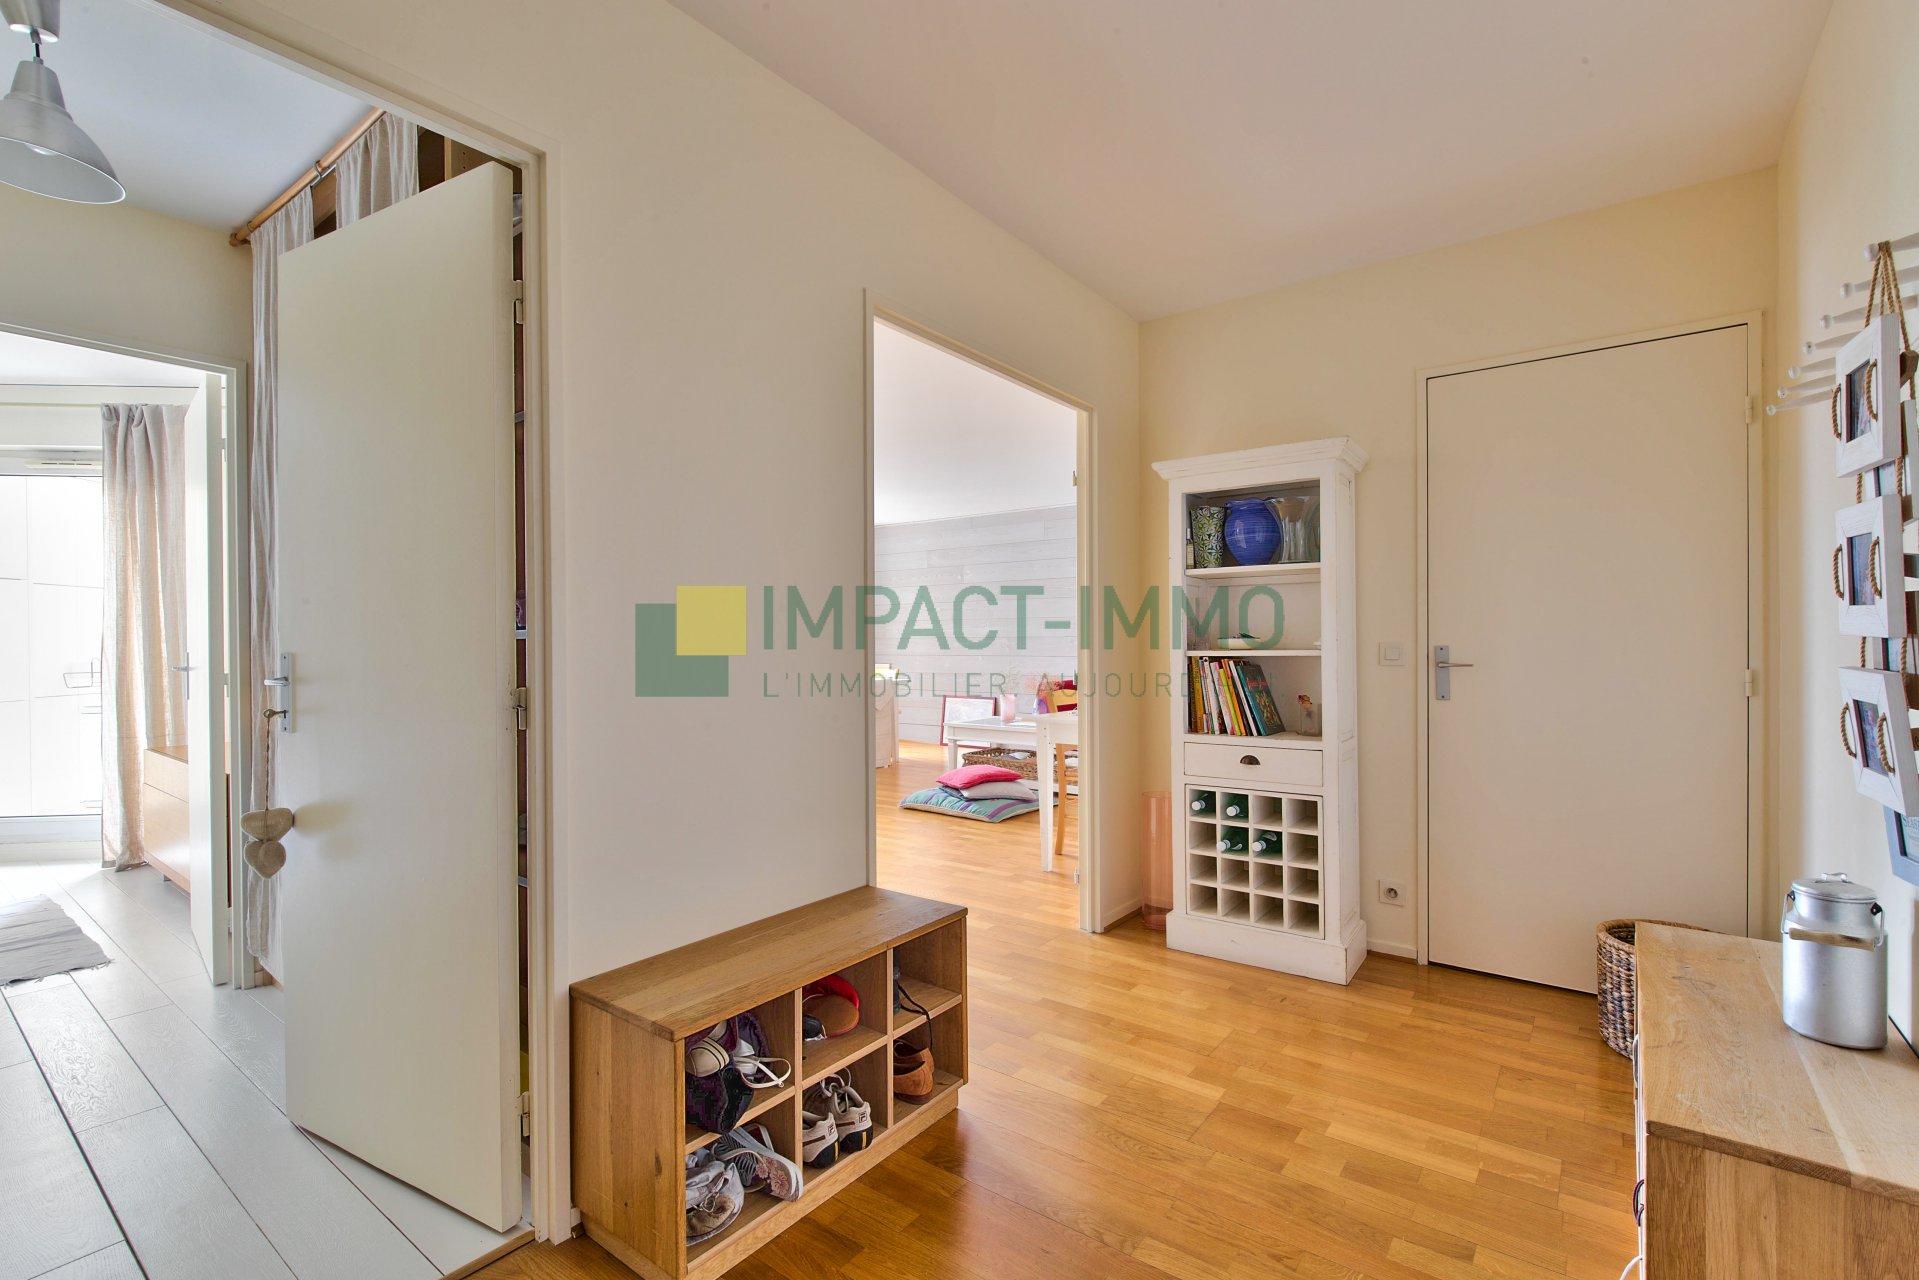 Appartement Familial 3 Chambres, Cave et Parking